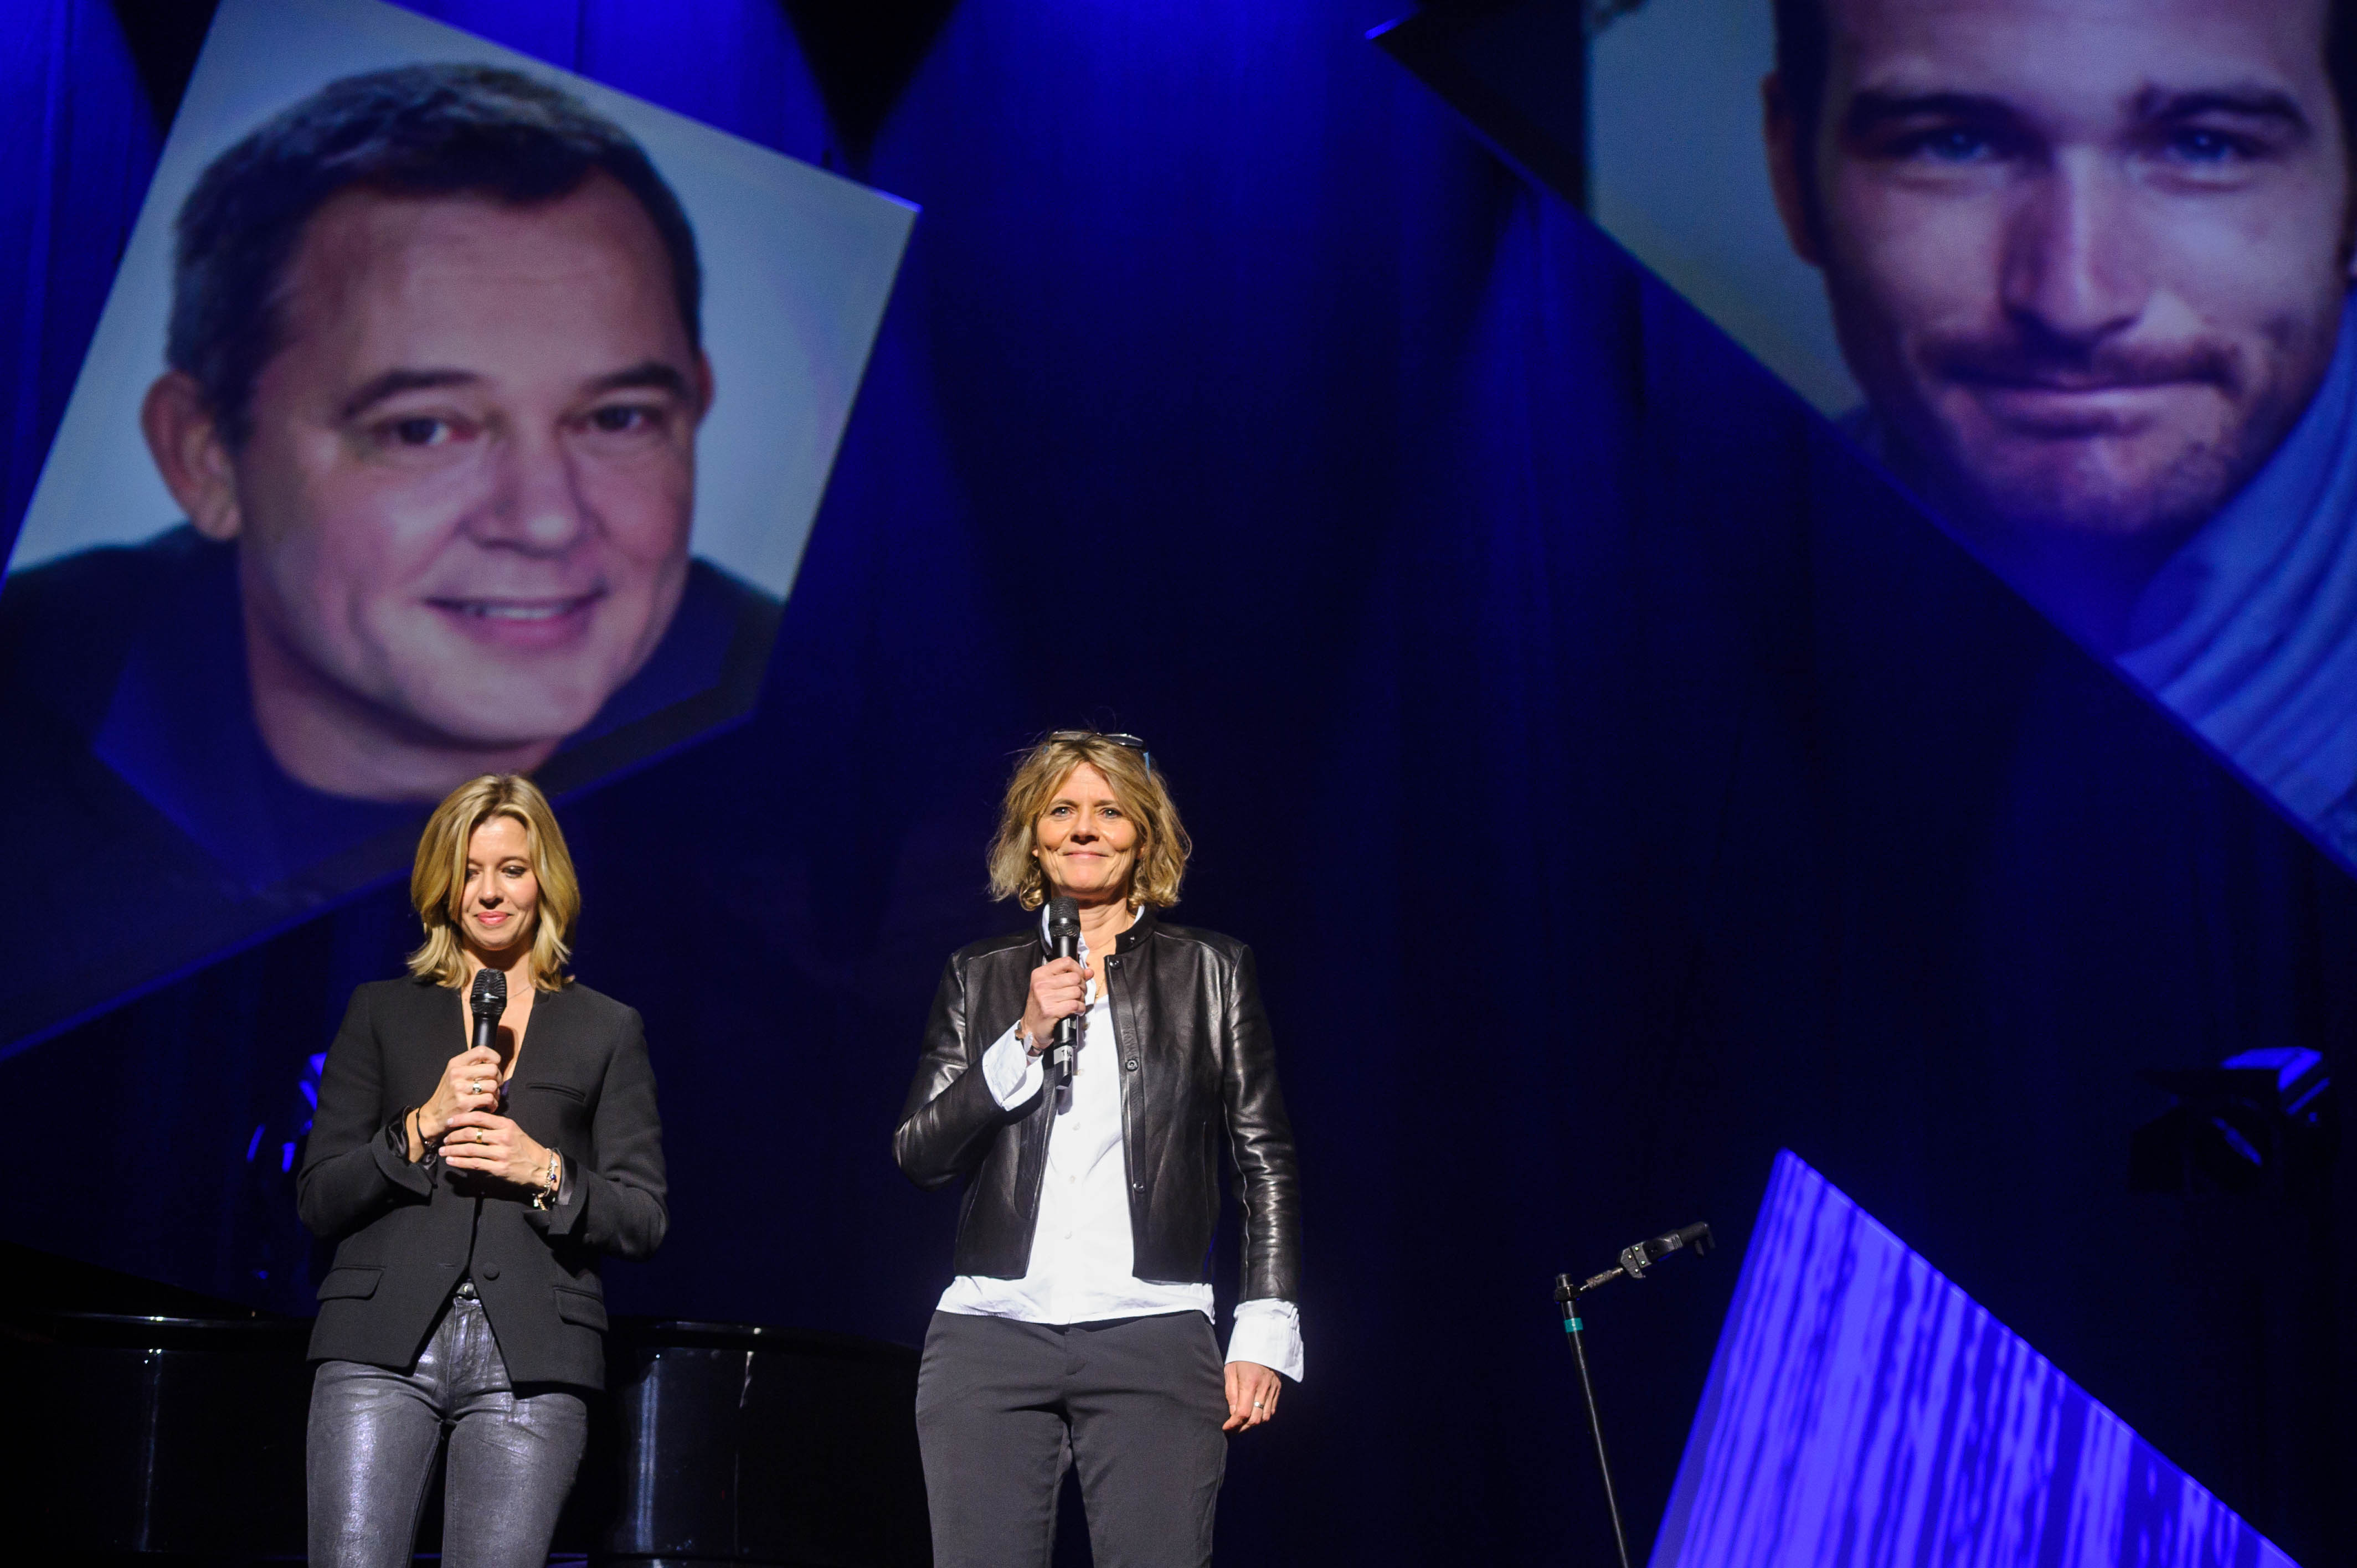 Wendy Bouchard et Florence Aubenas, présidente du Comité de soutien © Capa Pictures / Europe 1